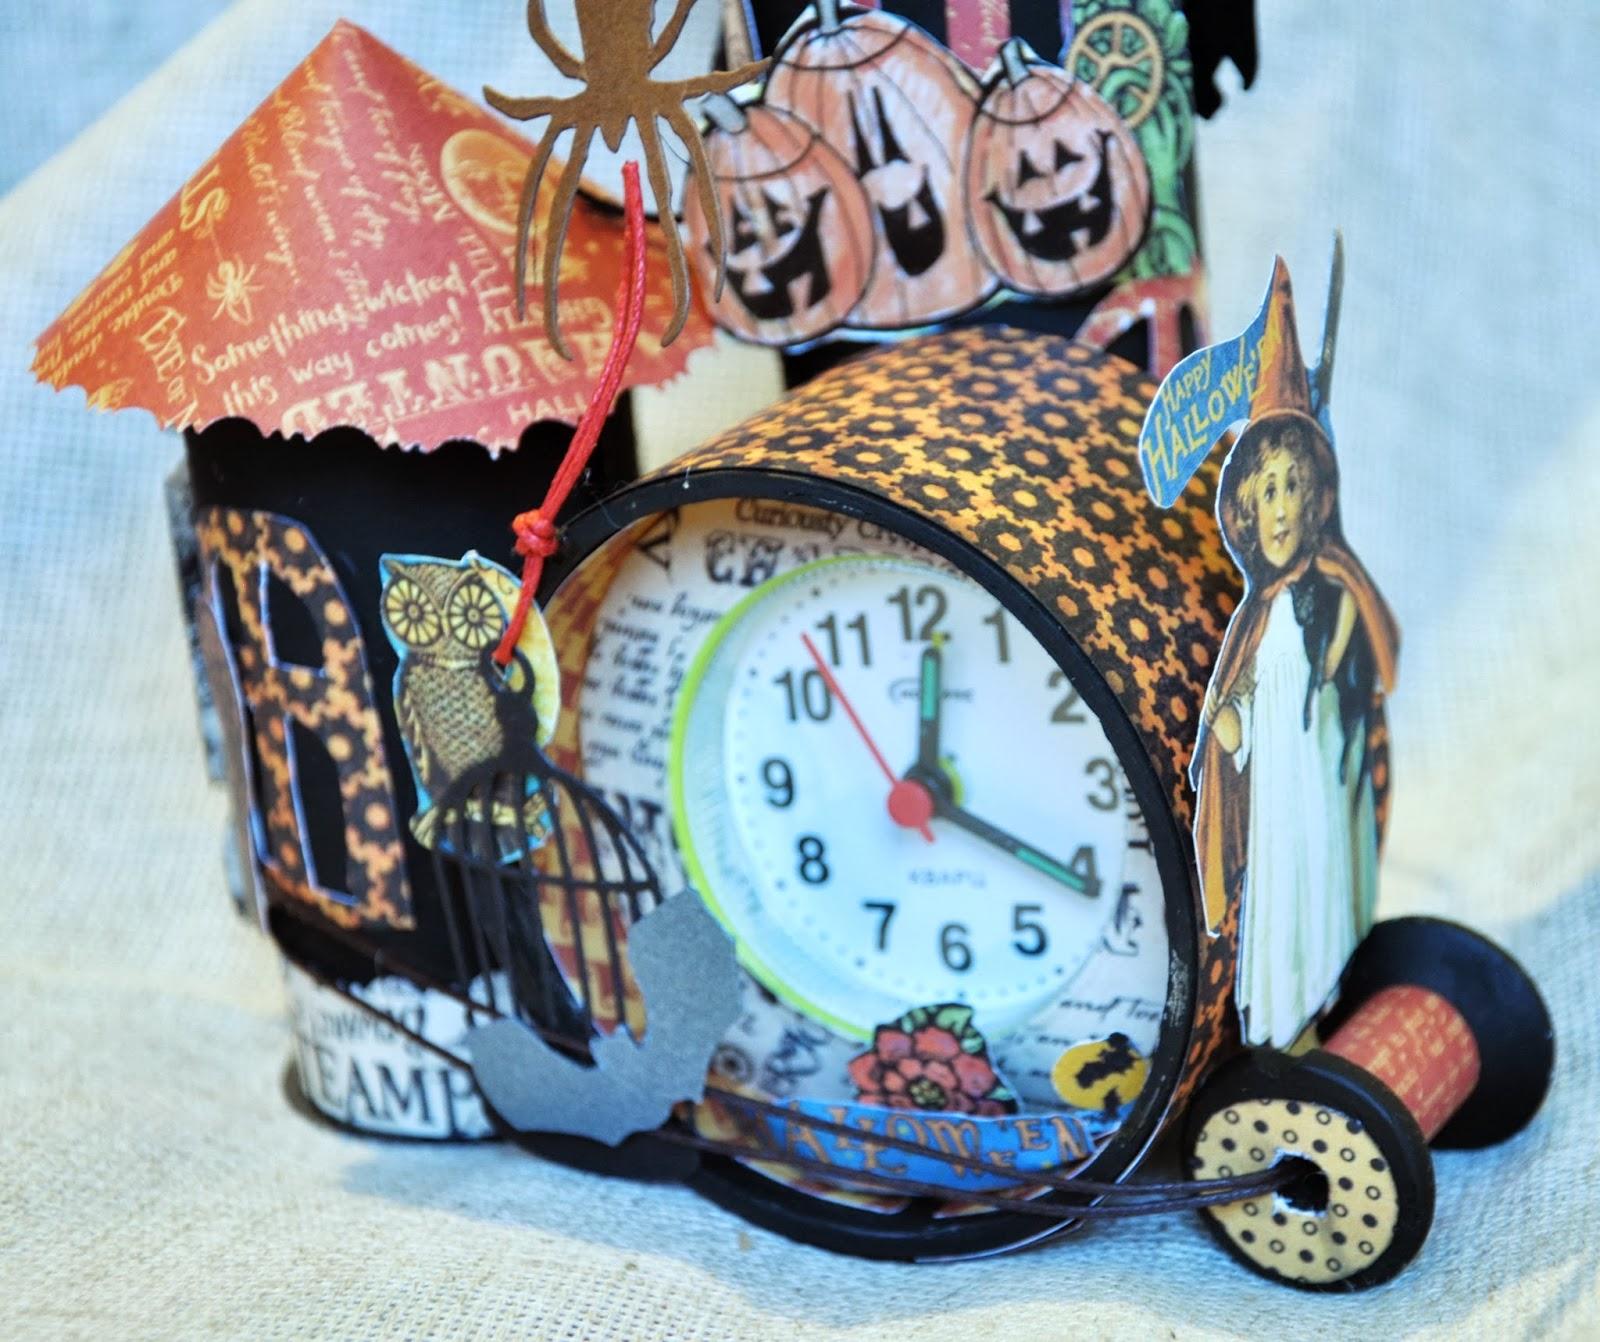 Можно изготовить поделку из туалетной бумаги и клея в виде оригинальных часов